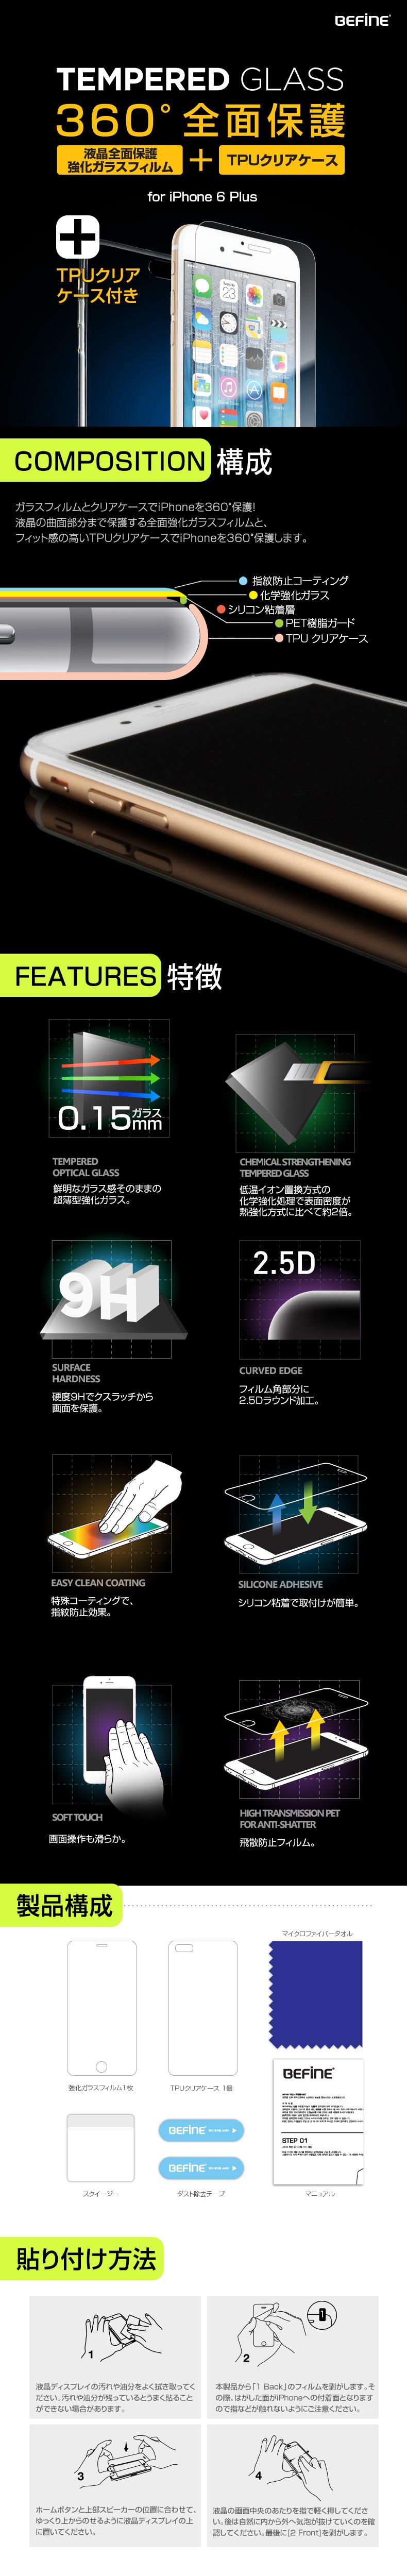 商品詳細-iPhone6 Plusフィルム専用ケース